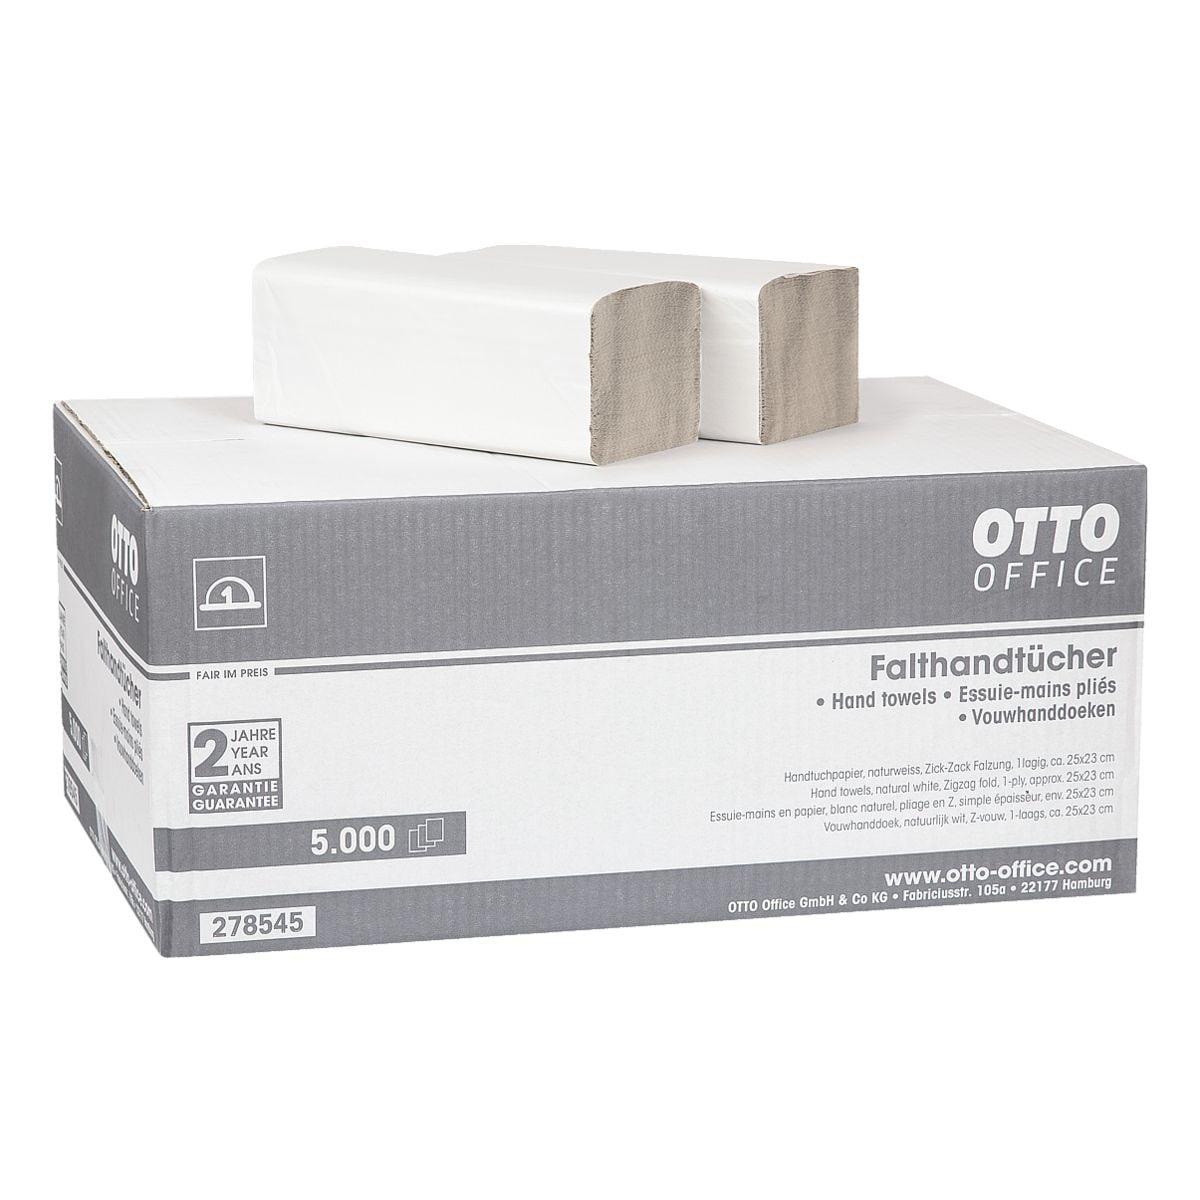 Papierhandtücher OTTO Office Budget Budget 1-lagig, naturweiß, 25 cm x 23 cm aus Recyclingpapier mit Z-Falzung - 5000 Blatt gesamt